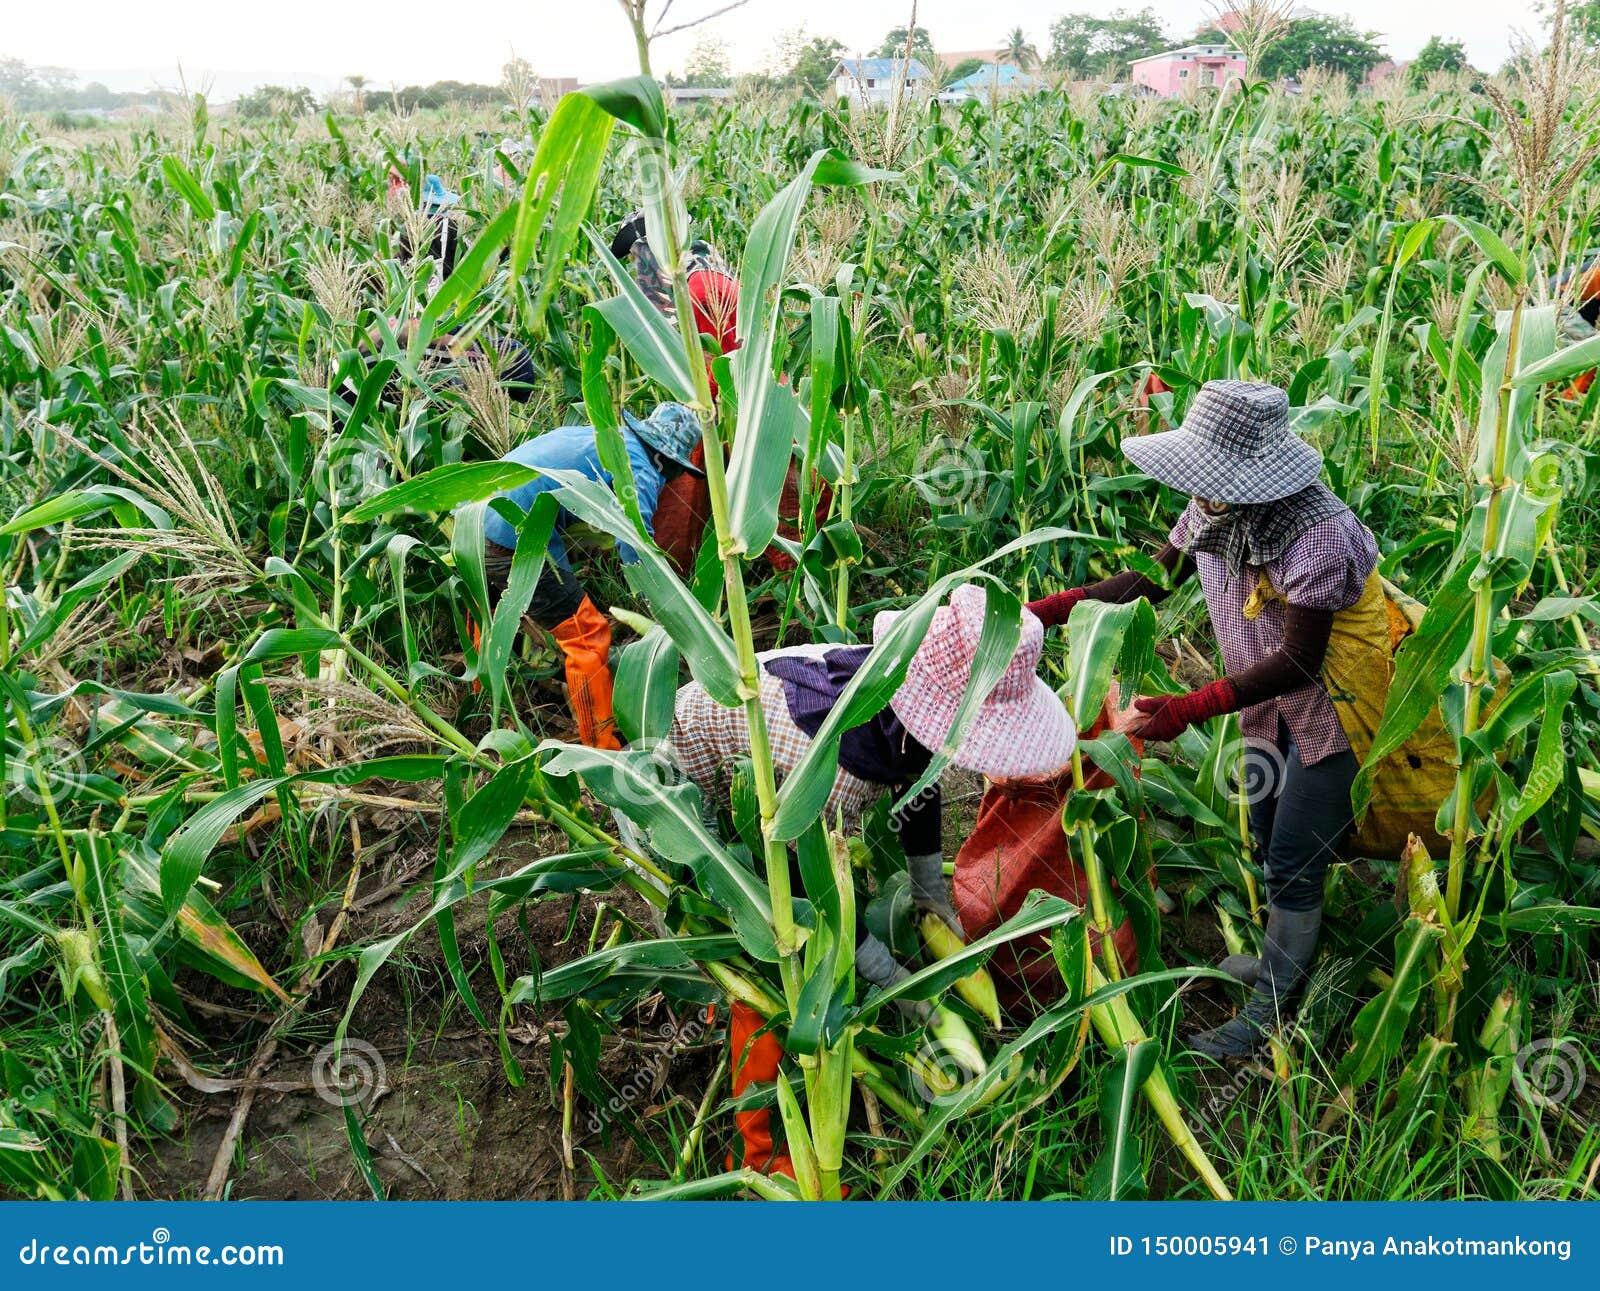 Ausländische Arbeiter birmanisches Myanmar oder Birma stellen an, um Zuckermais zu ernten